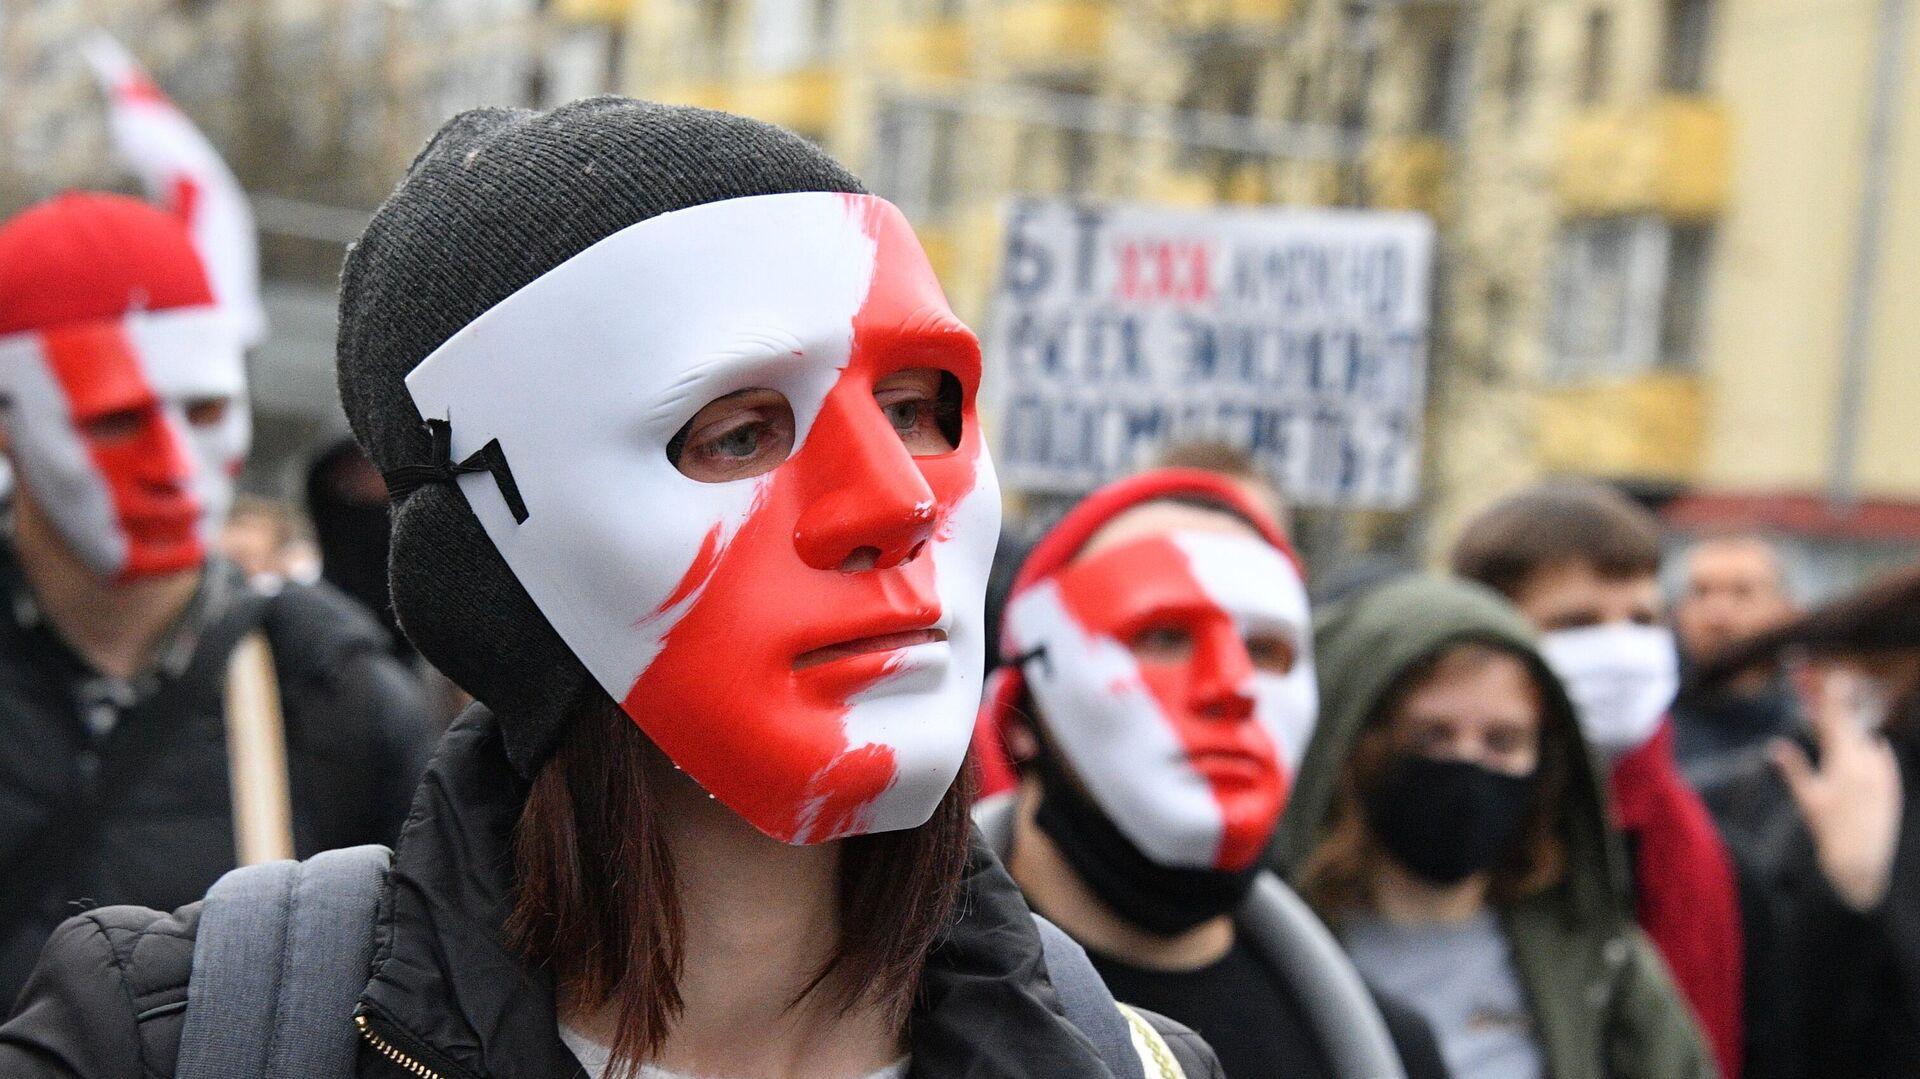 Участники акции протеста оппозиции Народный ультиматум в Минске - РИА Новости, 1920, 12.06.2021